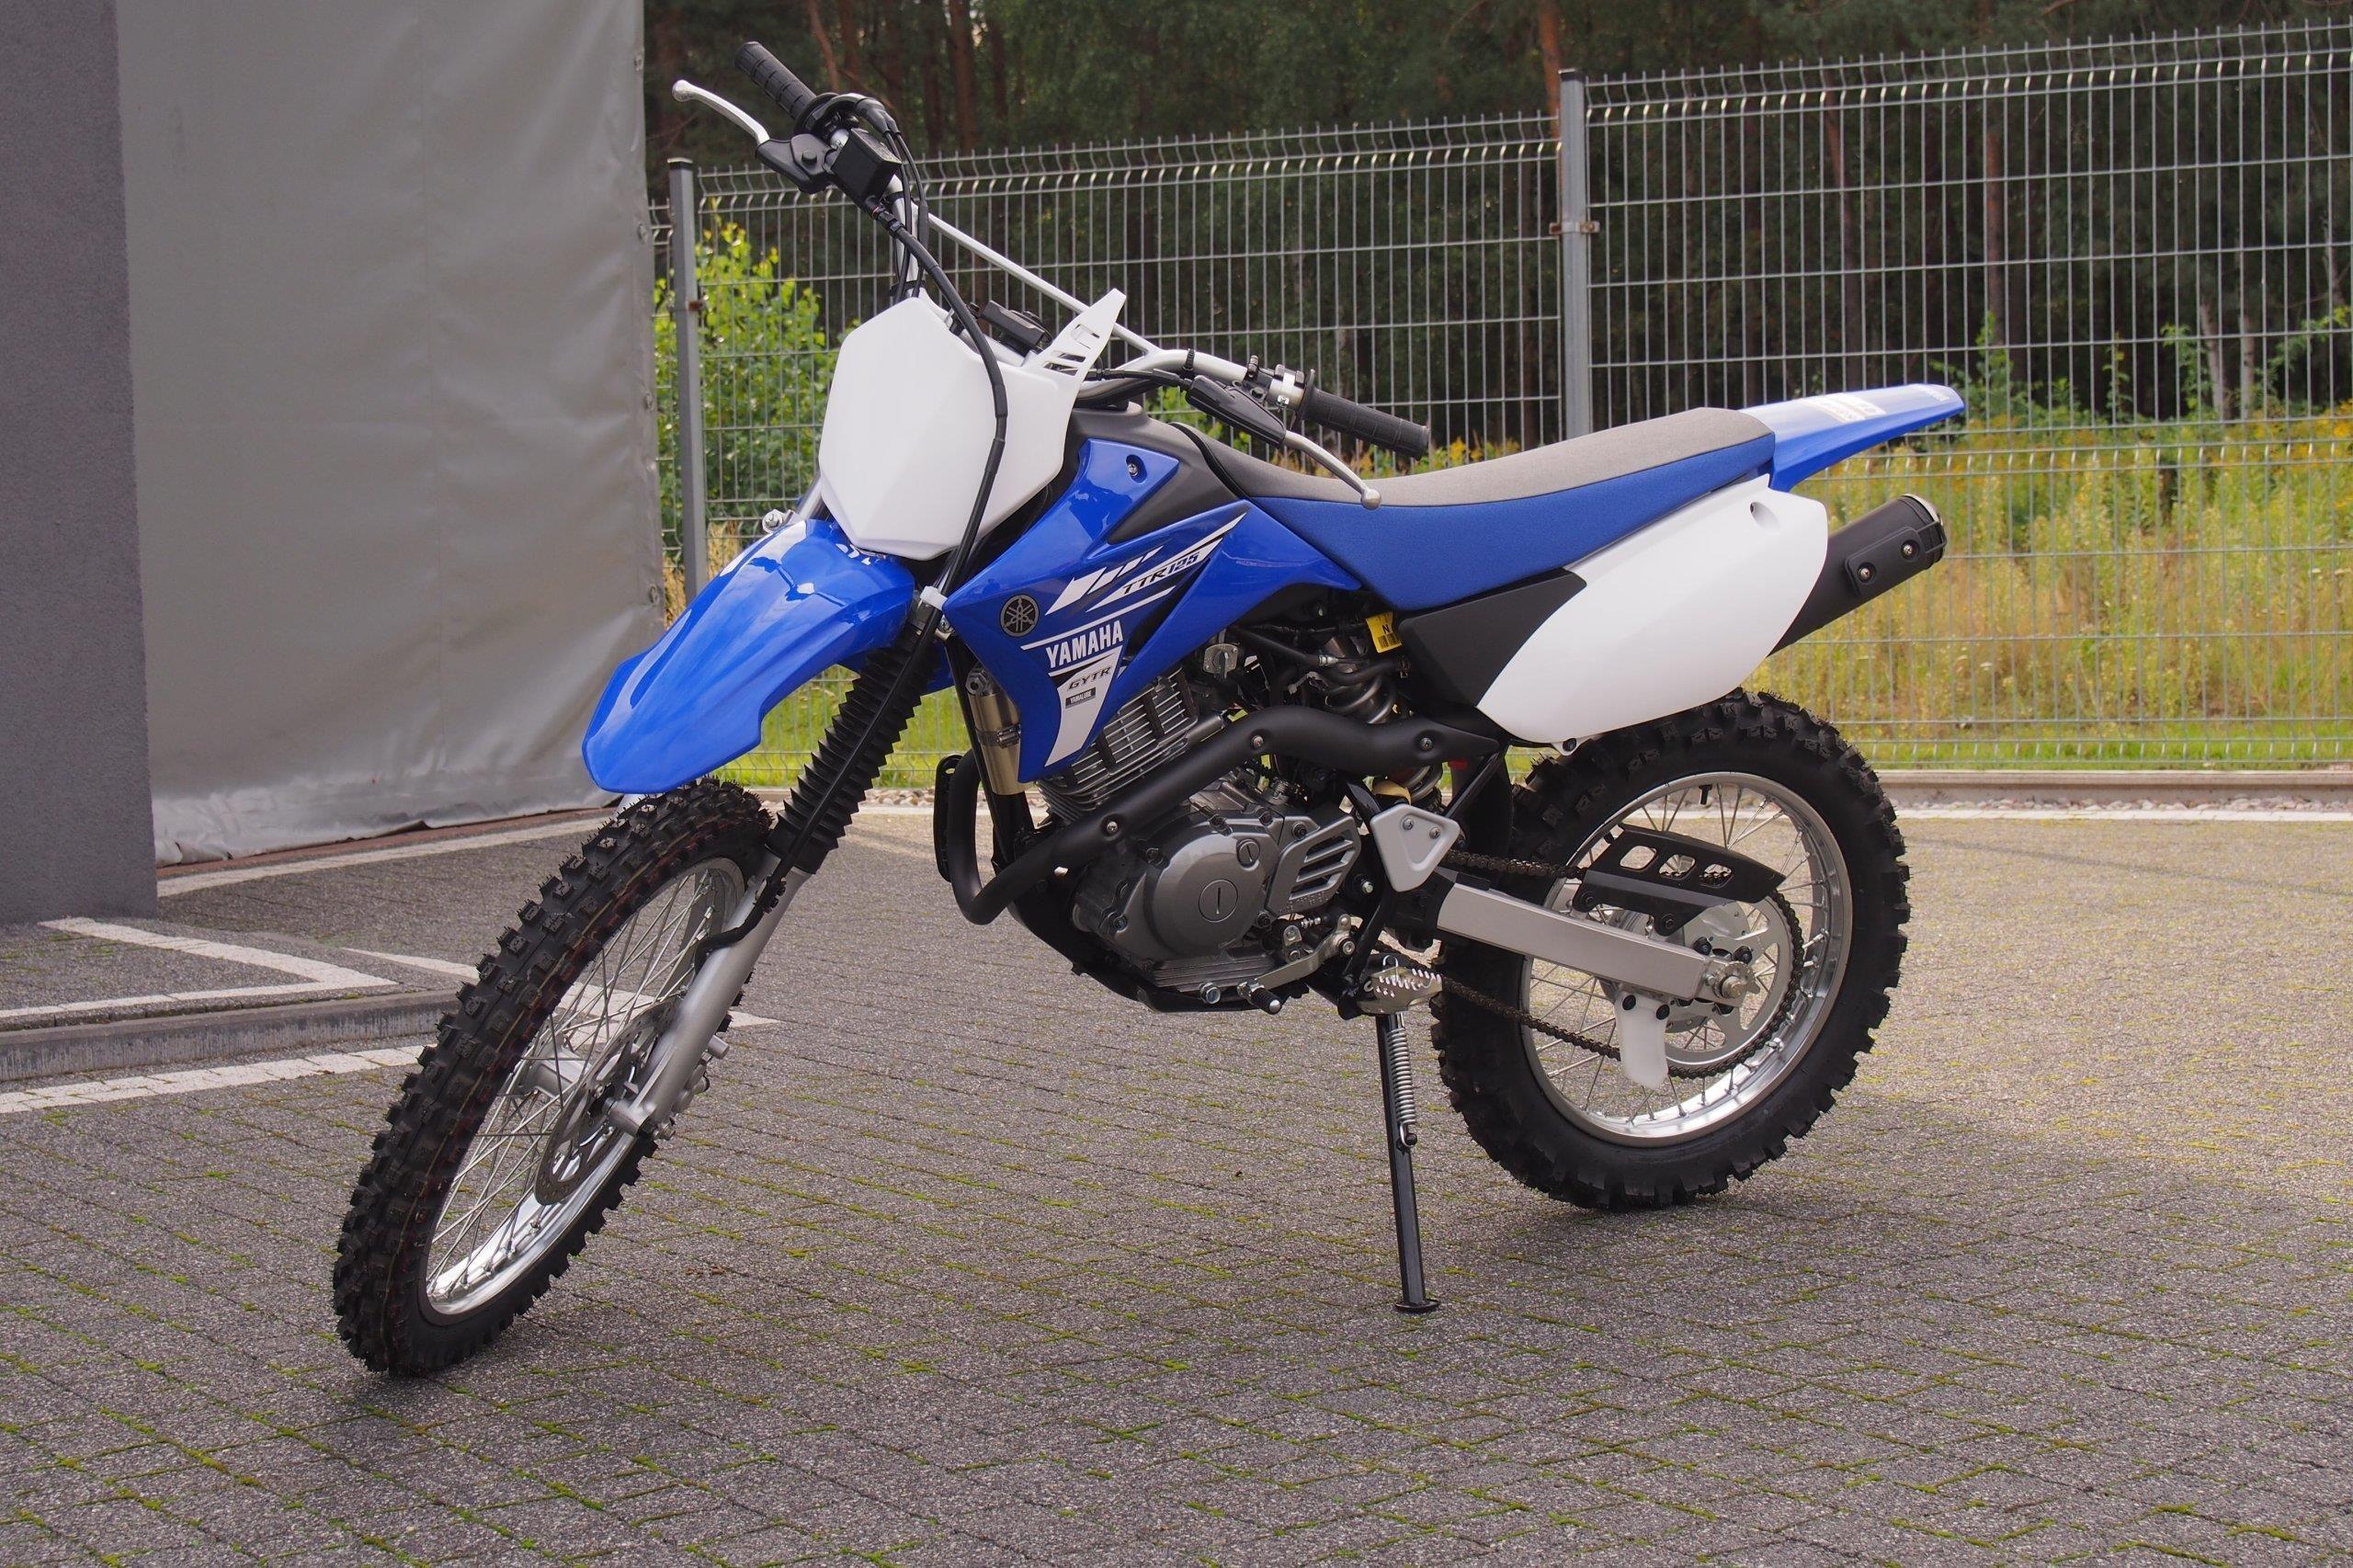 Motocykl Yamaha Ttr 125 Jedyny W Polsce Cross Opinie I Ceny Na Ceneo Pl